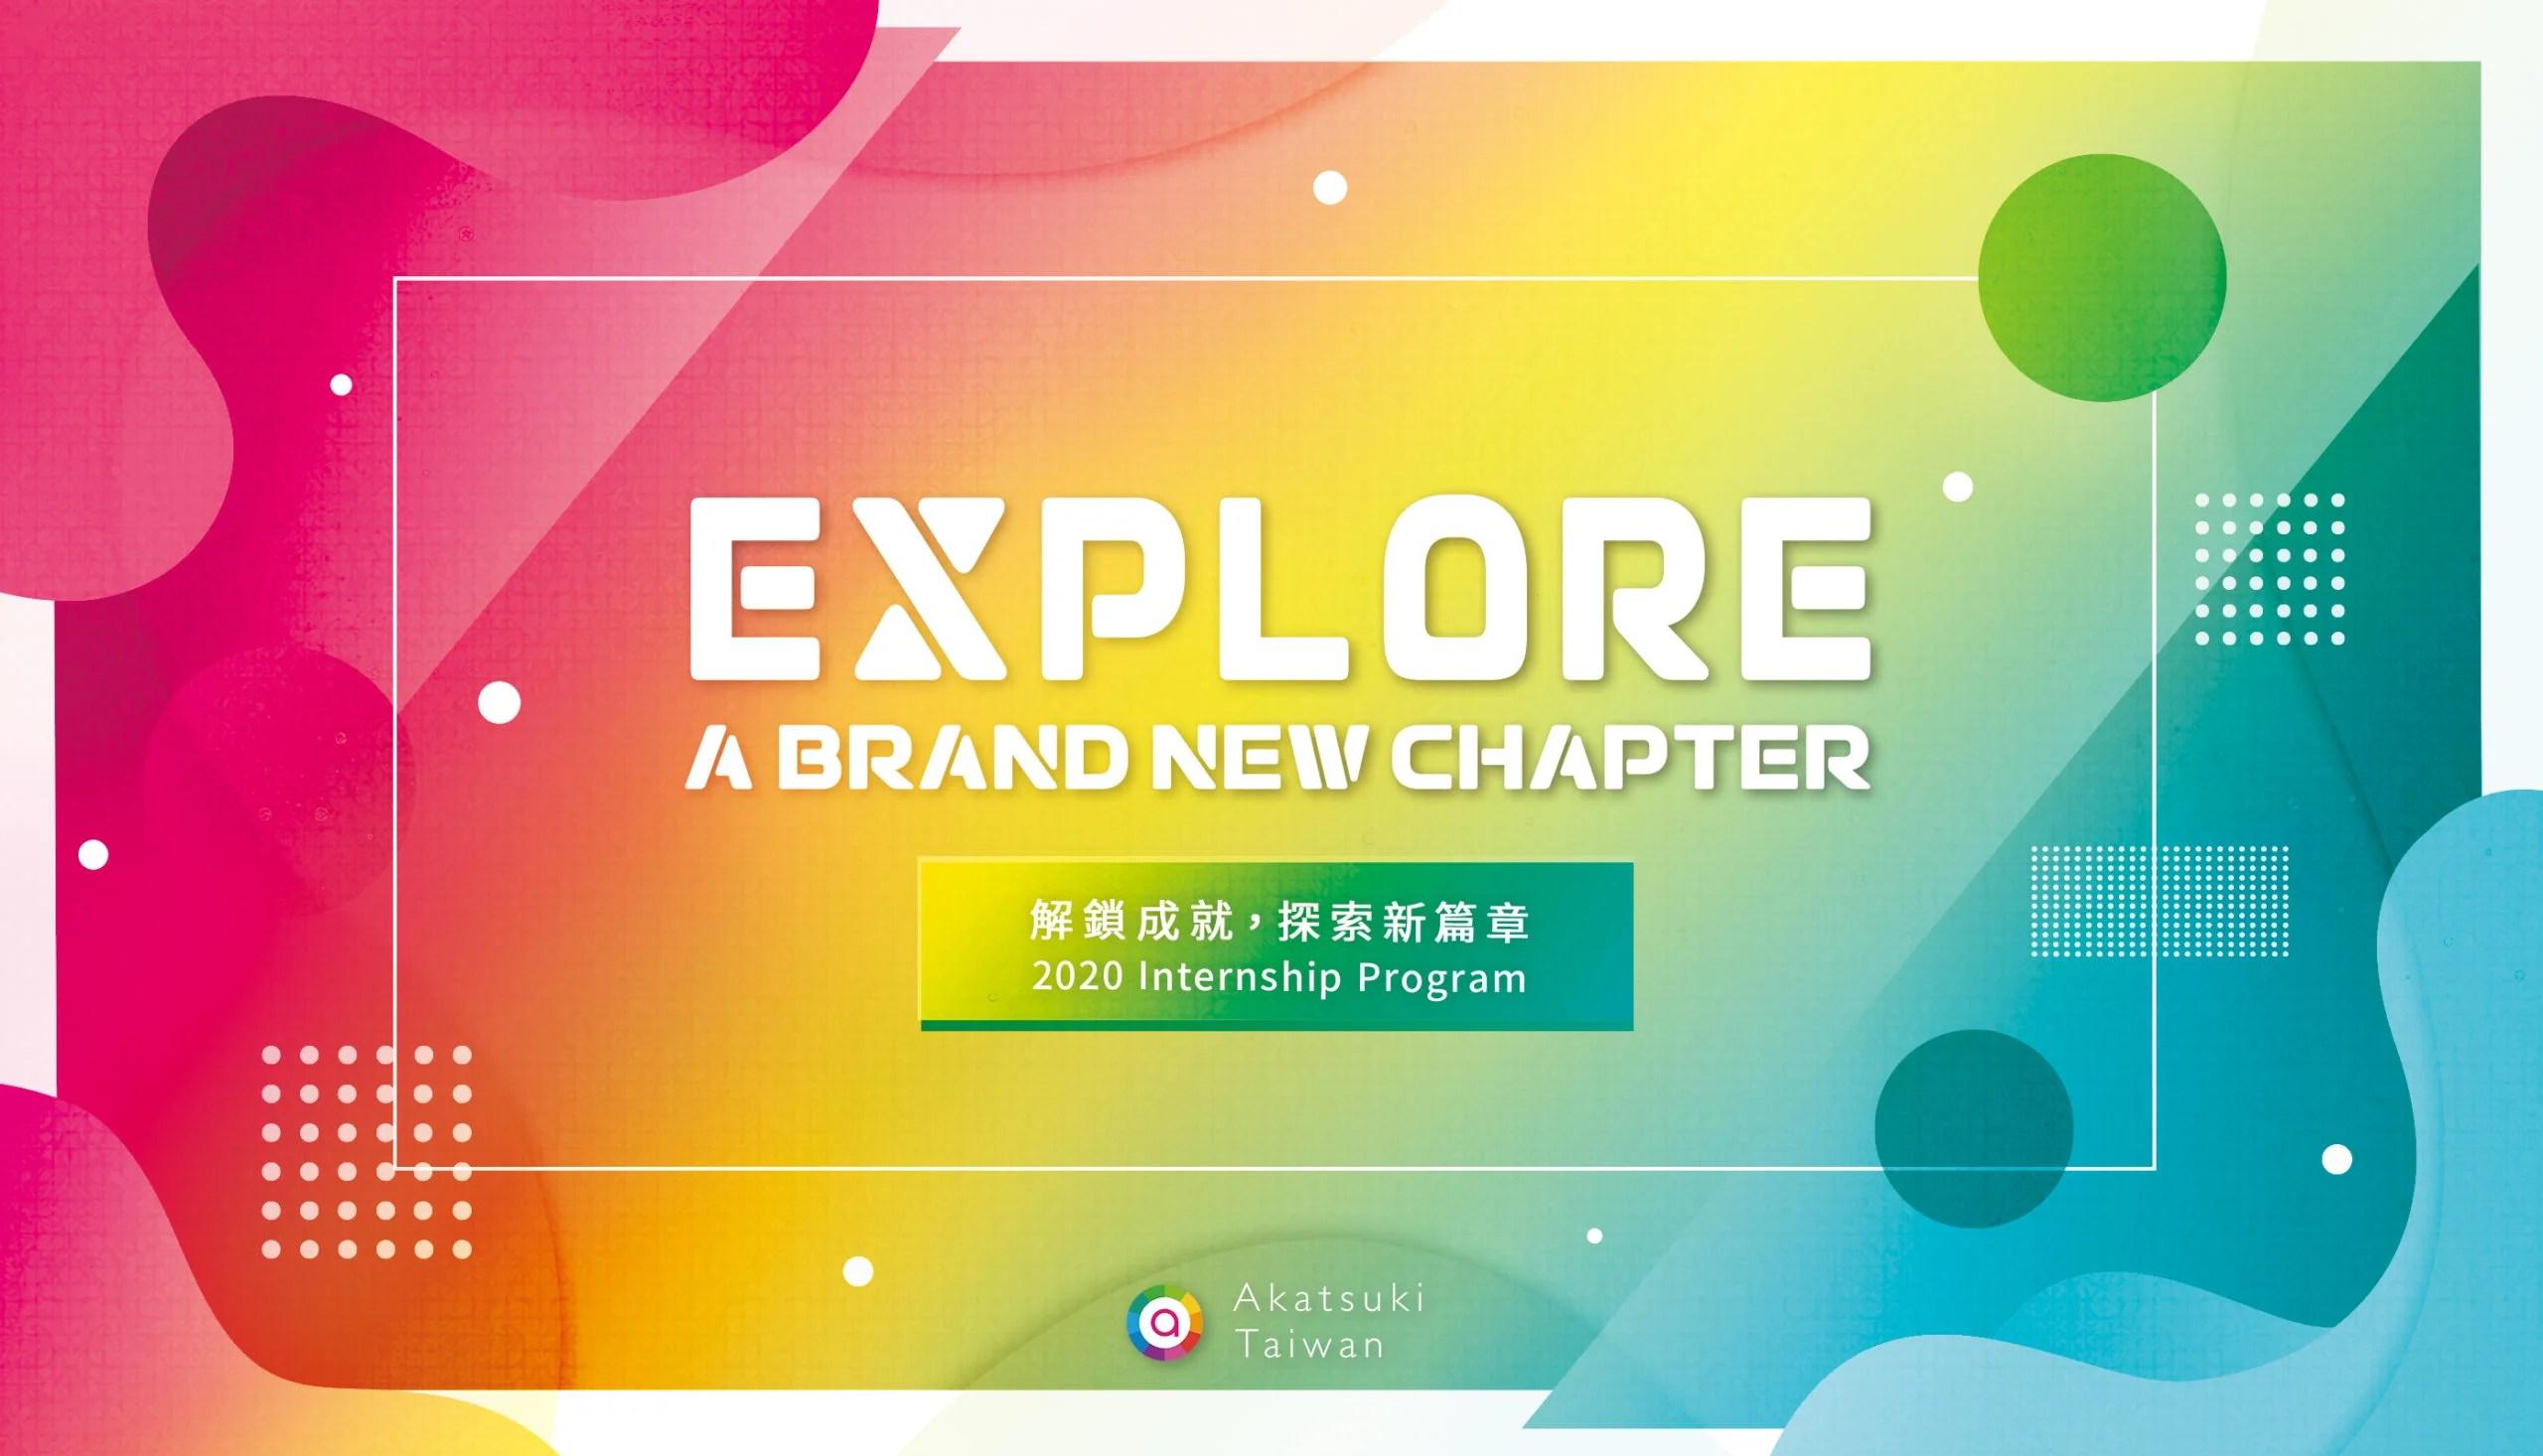 日本手遊開發商曉數碼公布 2020 實習計畫 力邀同學進入上市遊戲公司解鎖實習經驗 - EXP.GG